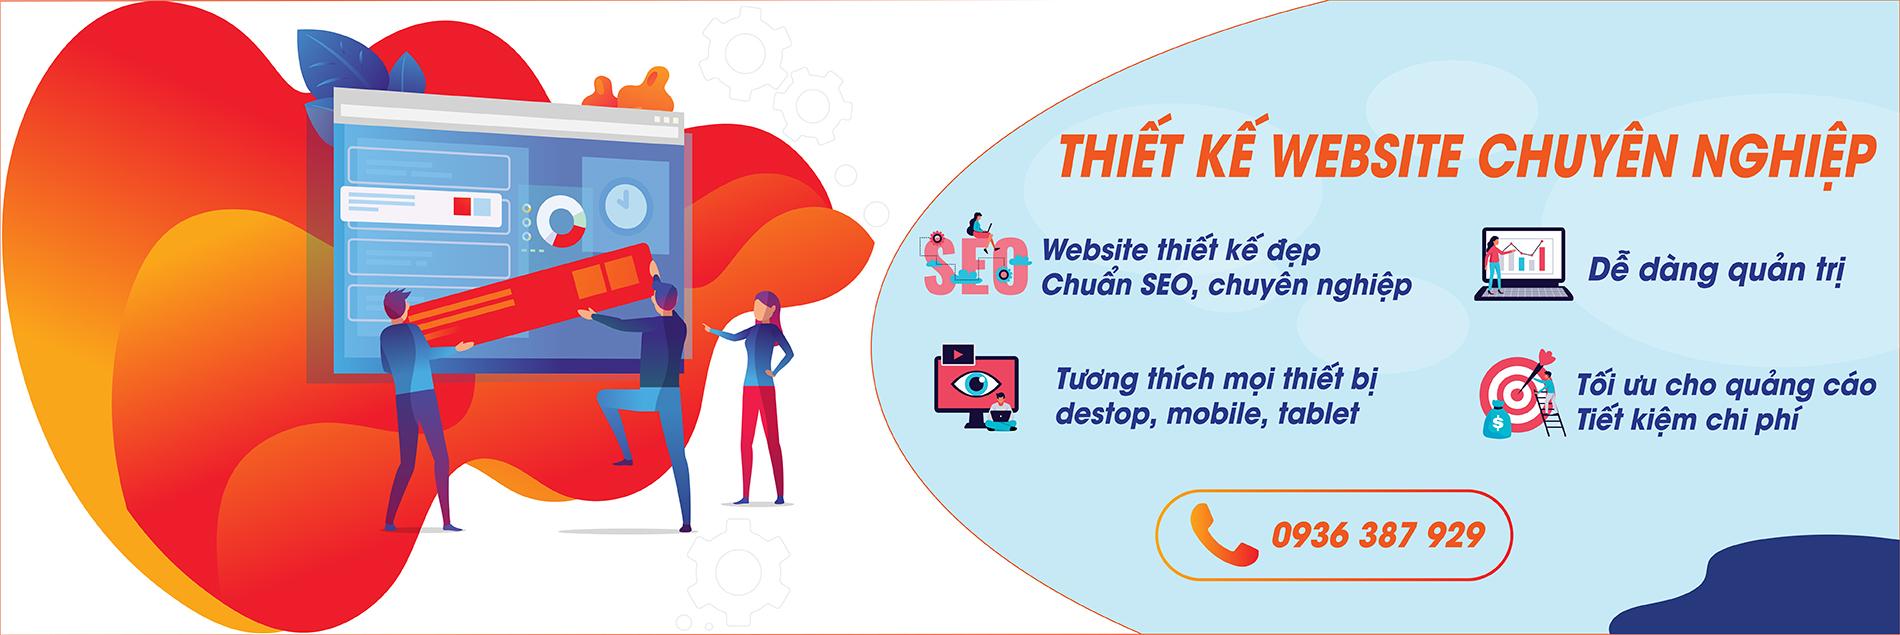 Công ty thiết kế website chuyên nghiệp Maxweb